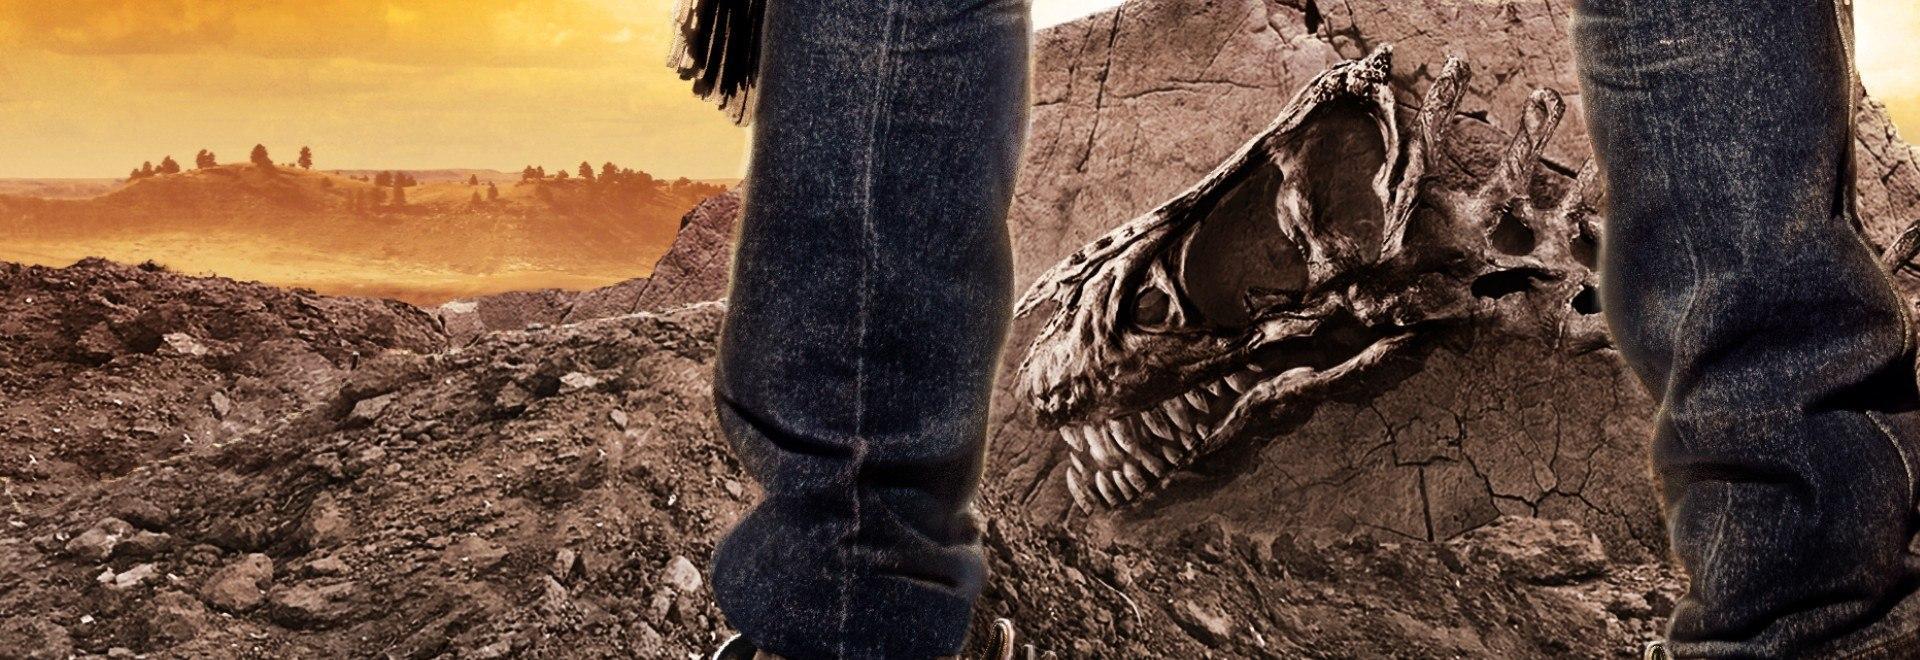 Il buono il brutto e il dinosauro